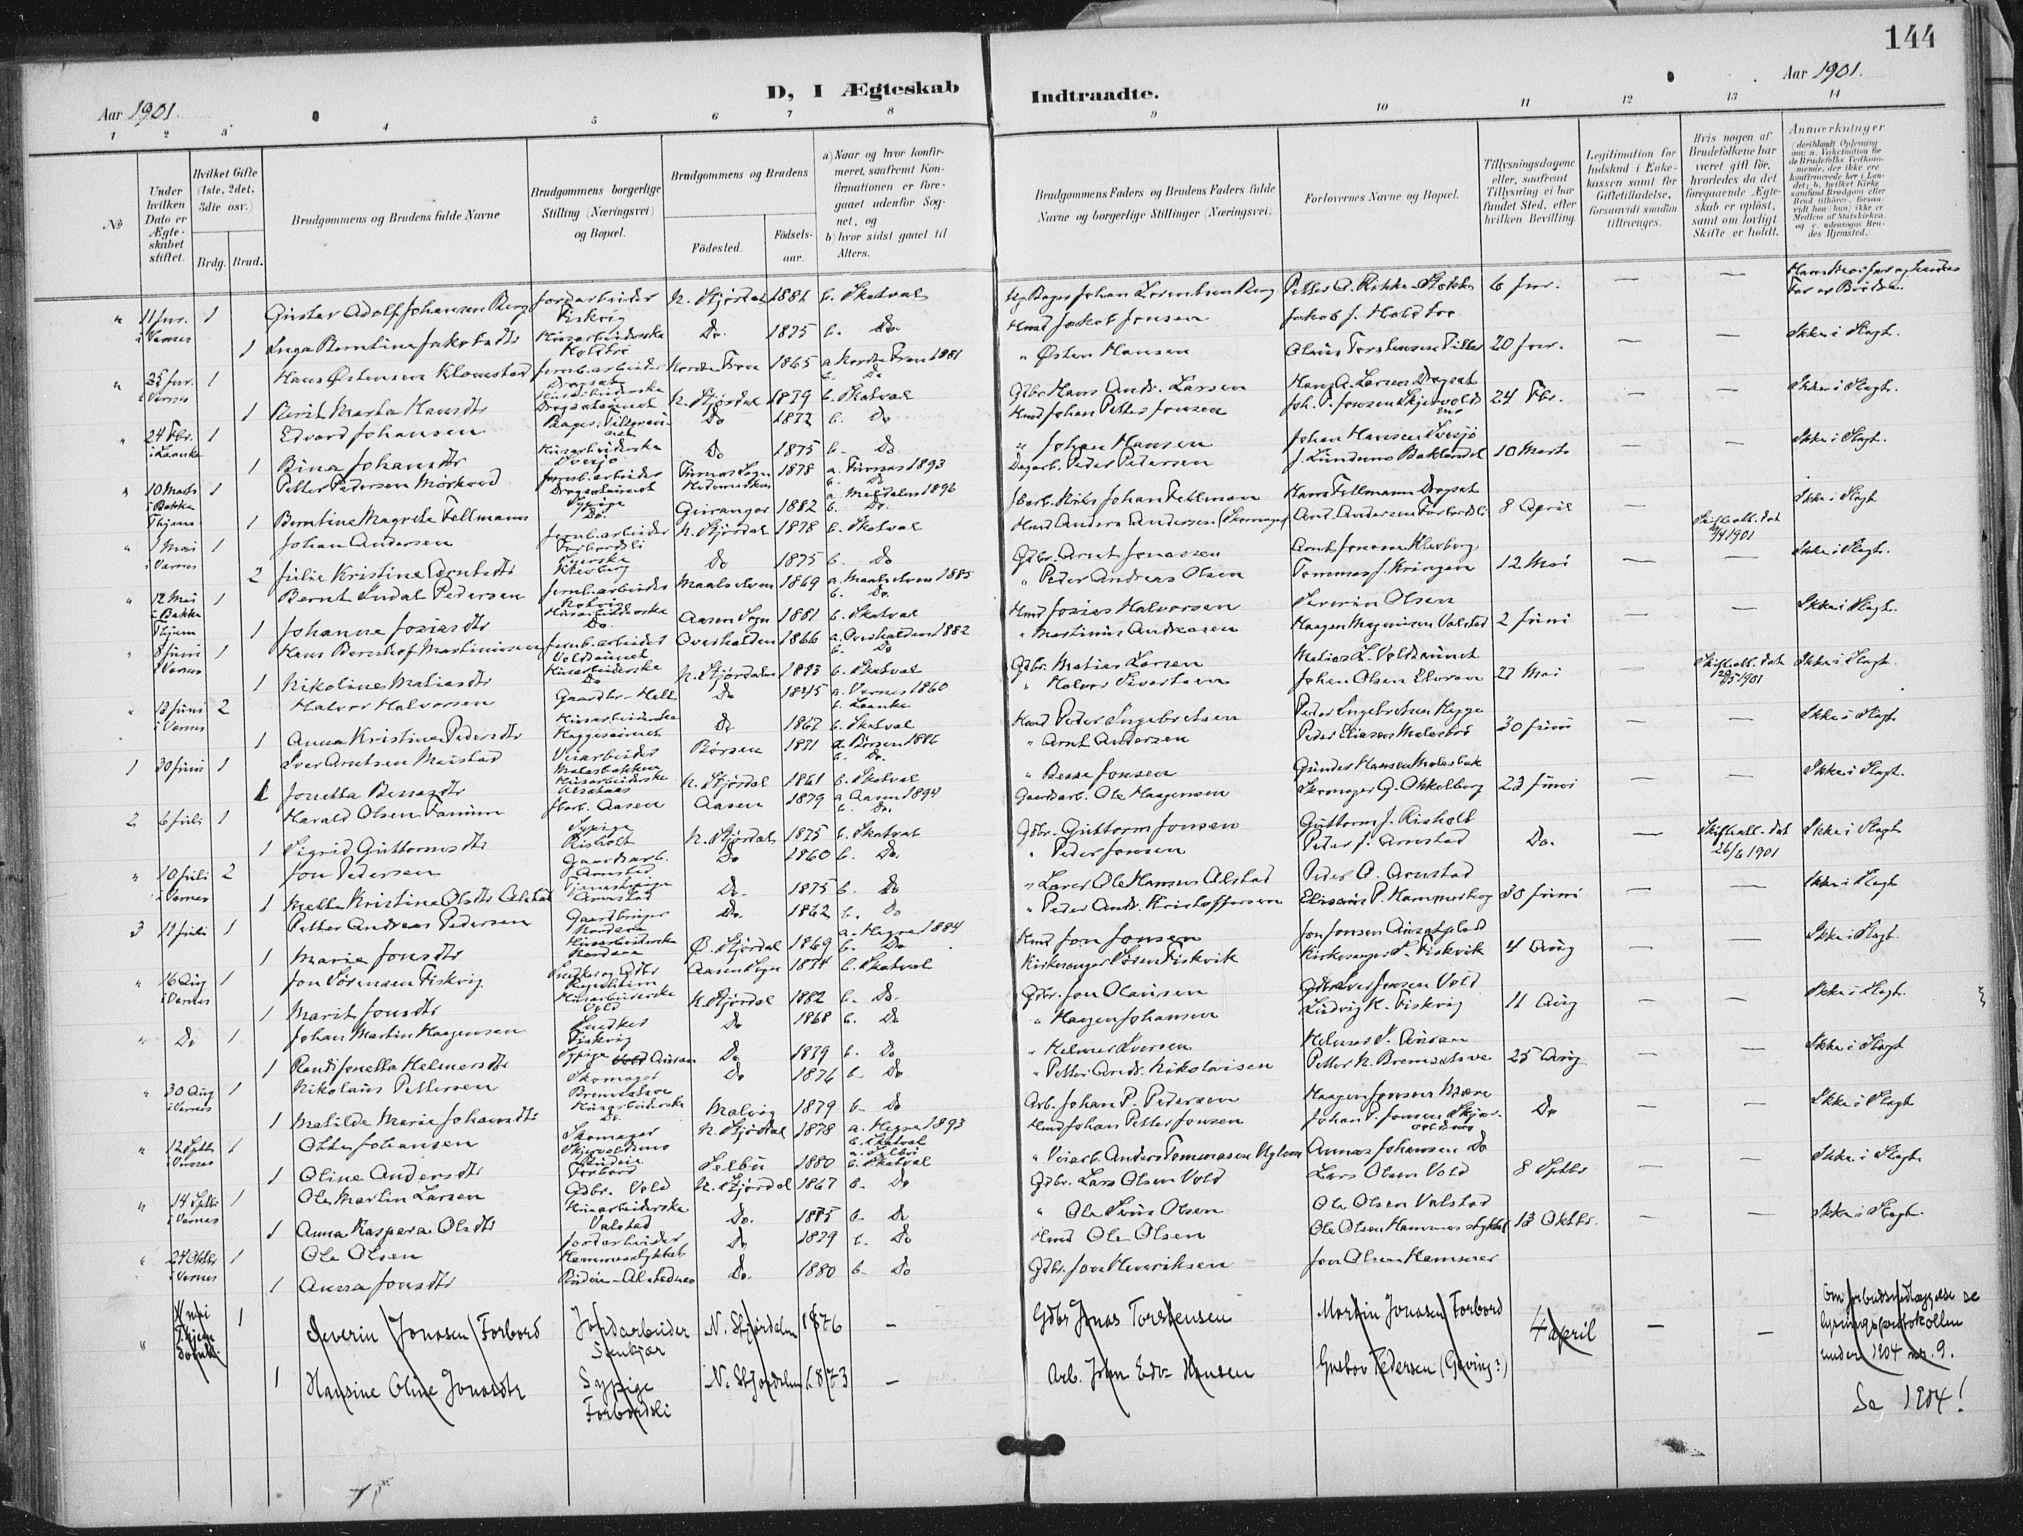 SAT, Ministerialprotokoller, klokkerbøker og fødselsregistre - Nord-Trøndelag, 712/L0101: Ministerialbok nr. 712A02, 1901-1916, s. 144